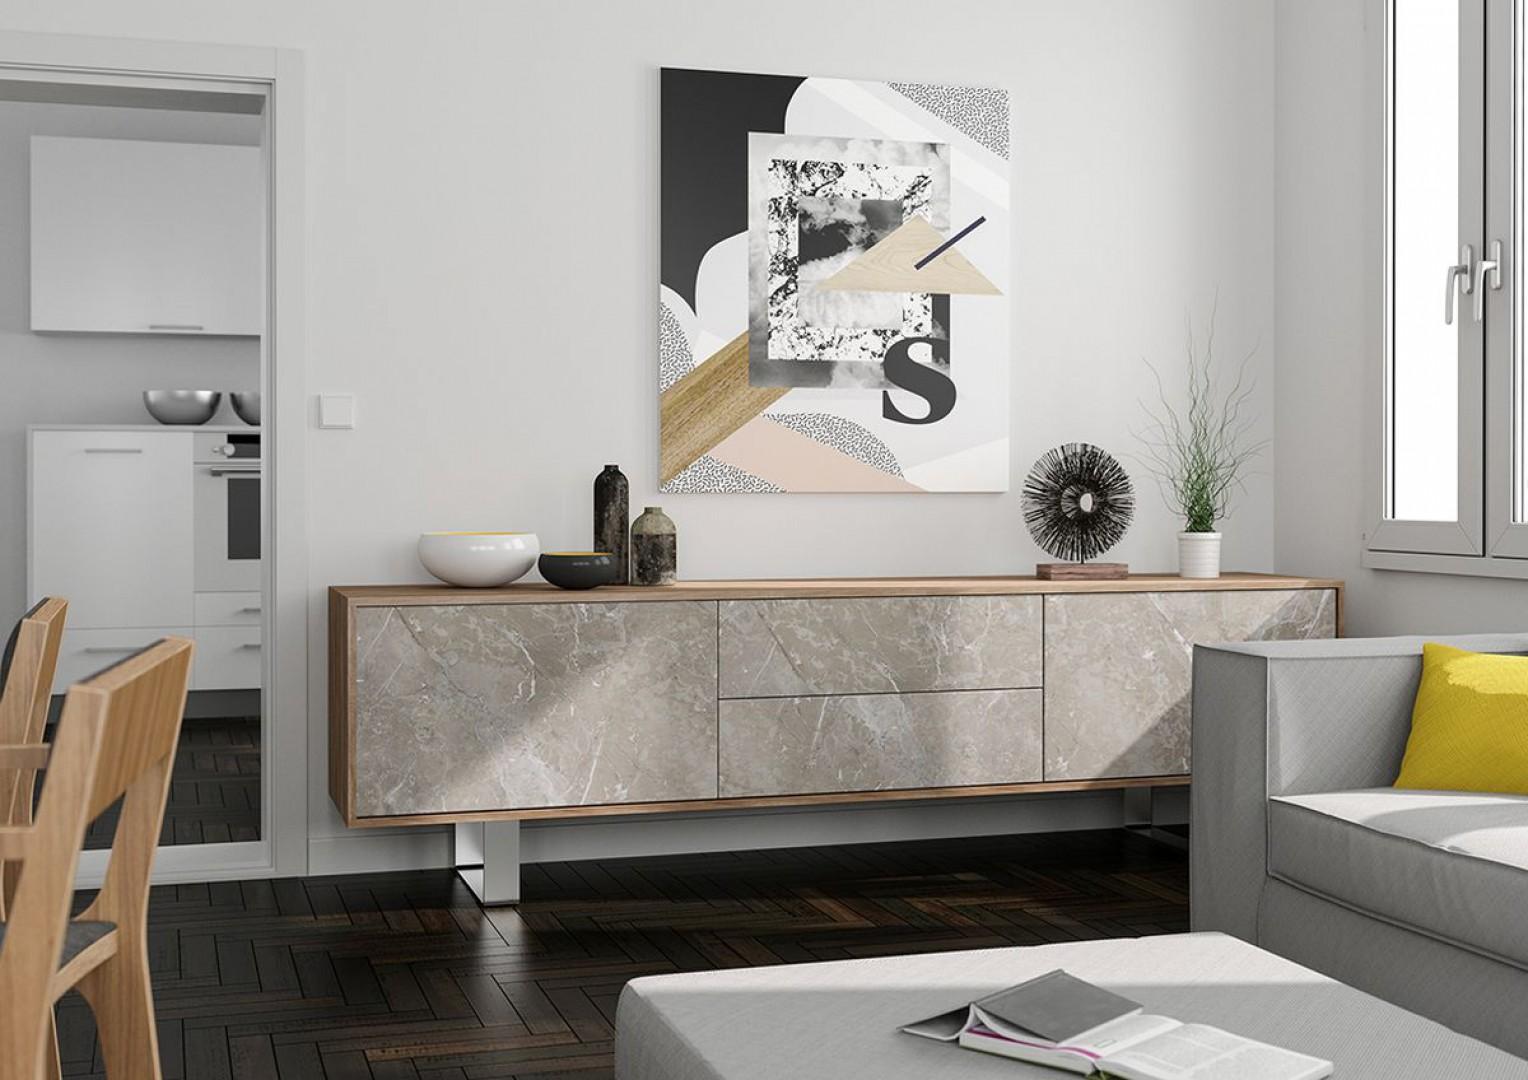 Komoda, w której zastosowano imitujący marmur dekor Veneto firmy Interprint. Fot. Interprint Polska